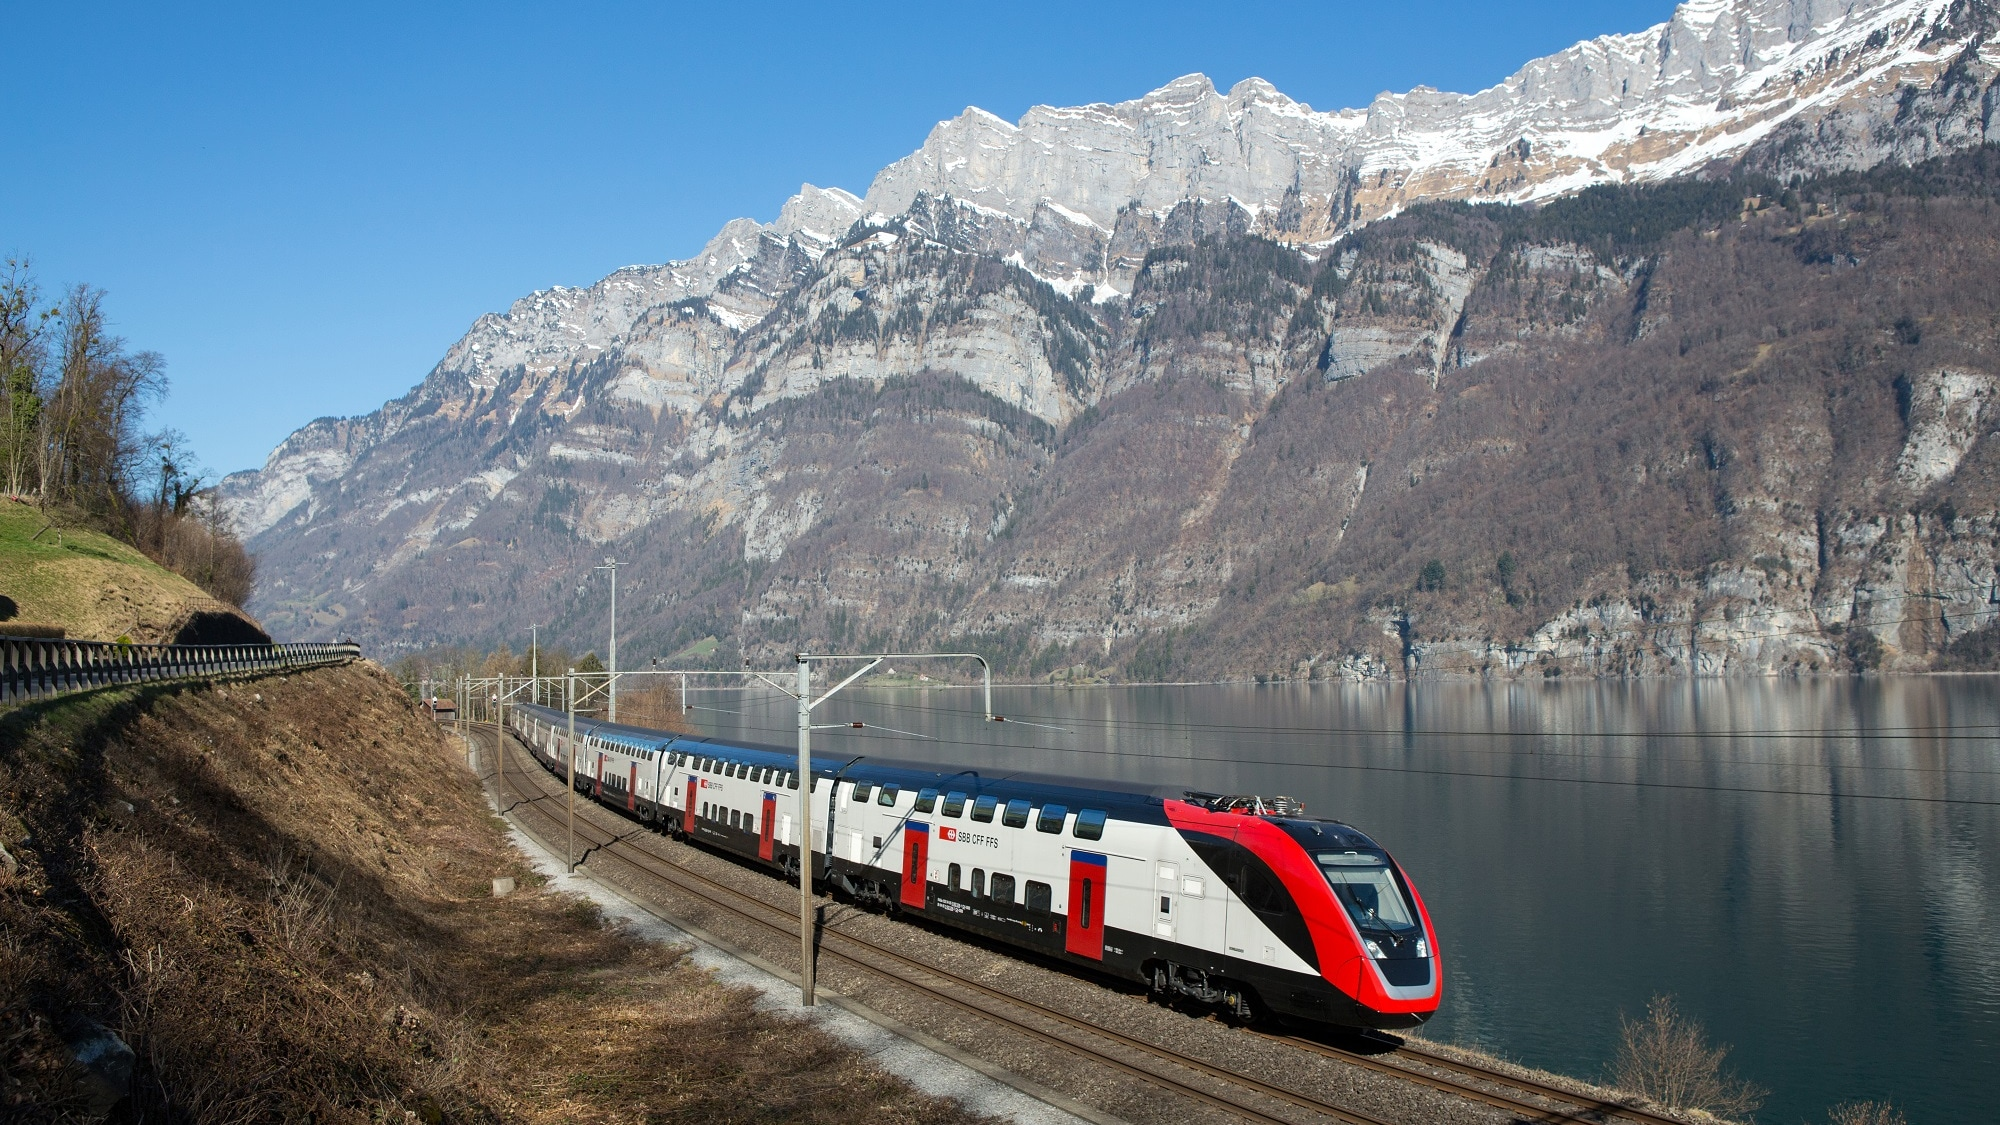 Verspätete Doppelstöcker von Bombardier: Haben die SBB vorschnell Züge ausrangiert?